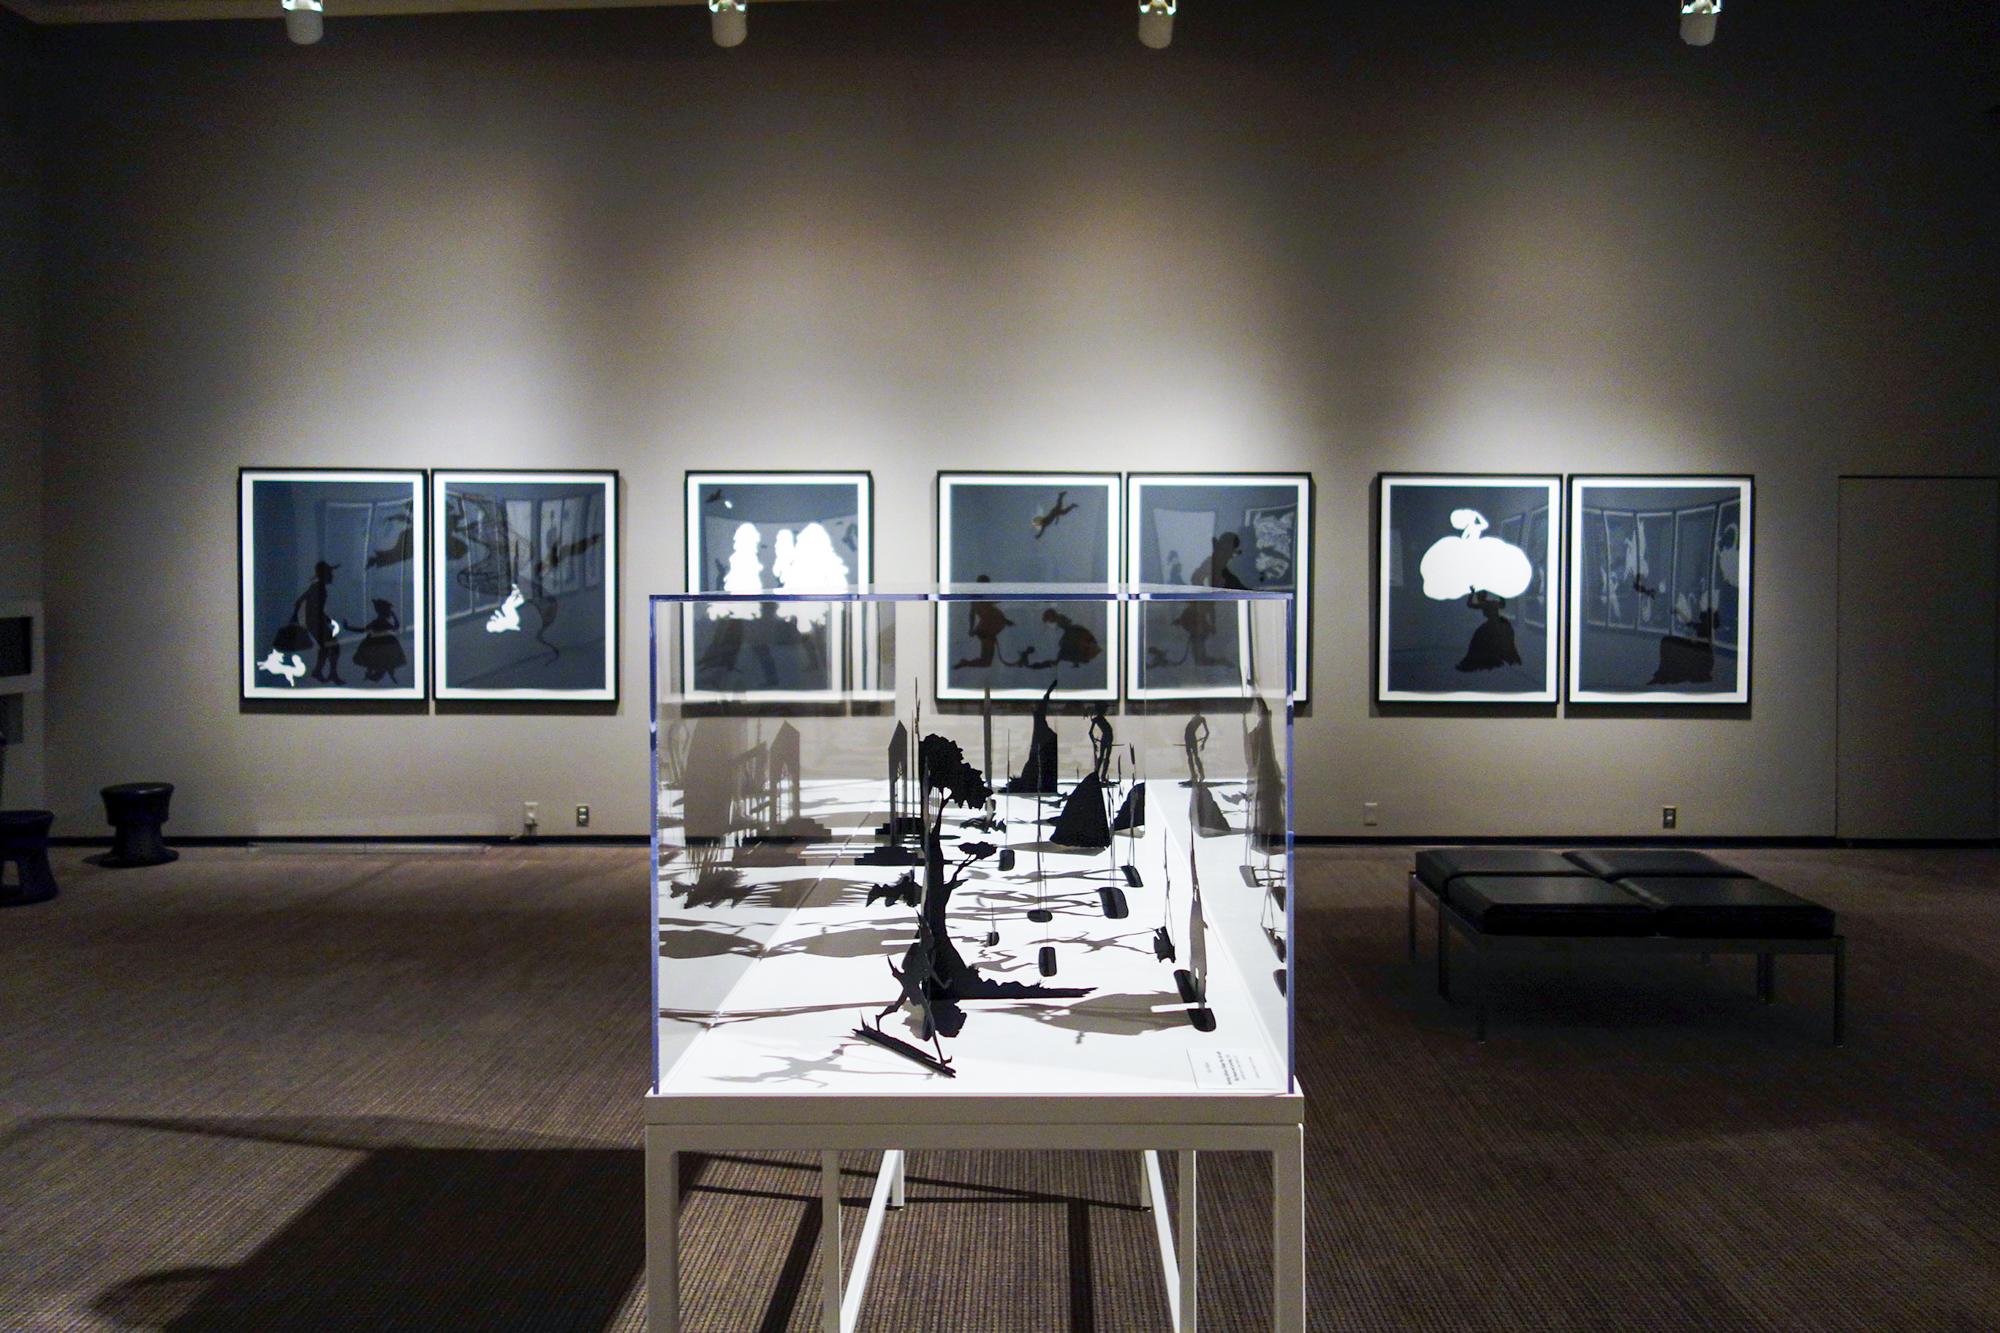 boise-art-museum-01628.jpg